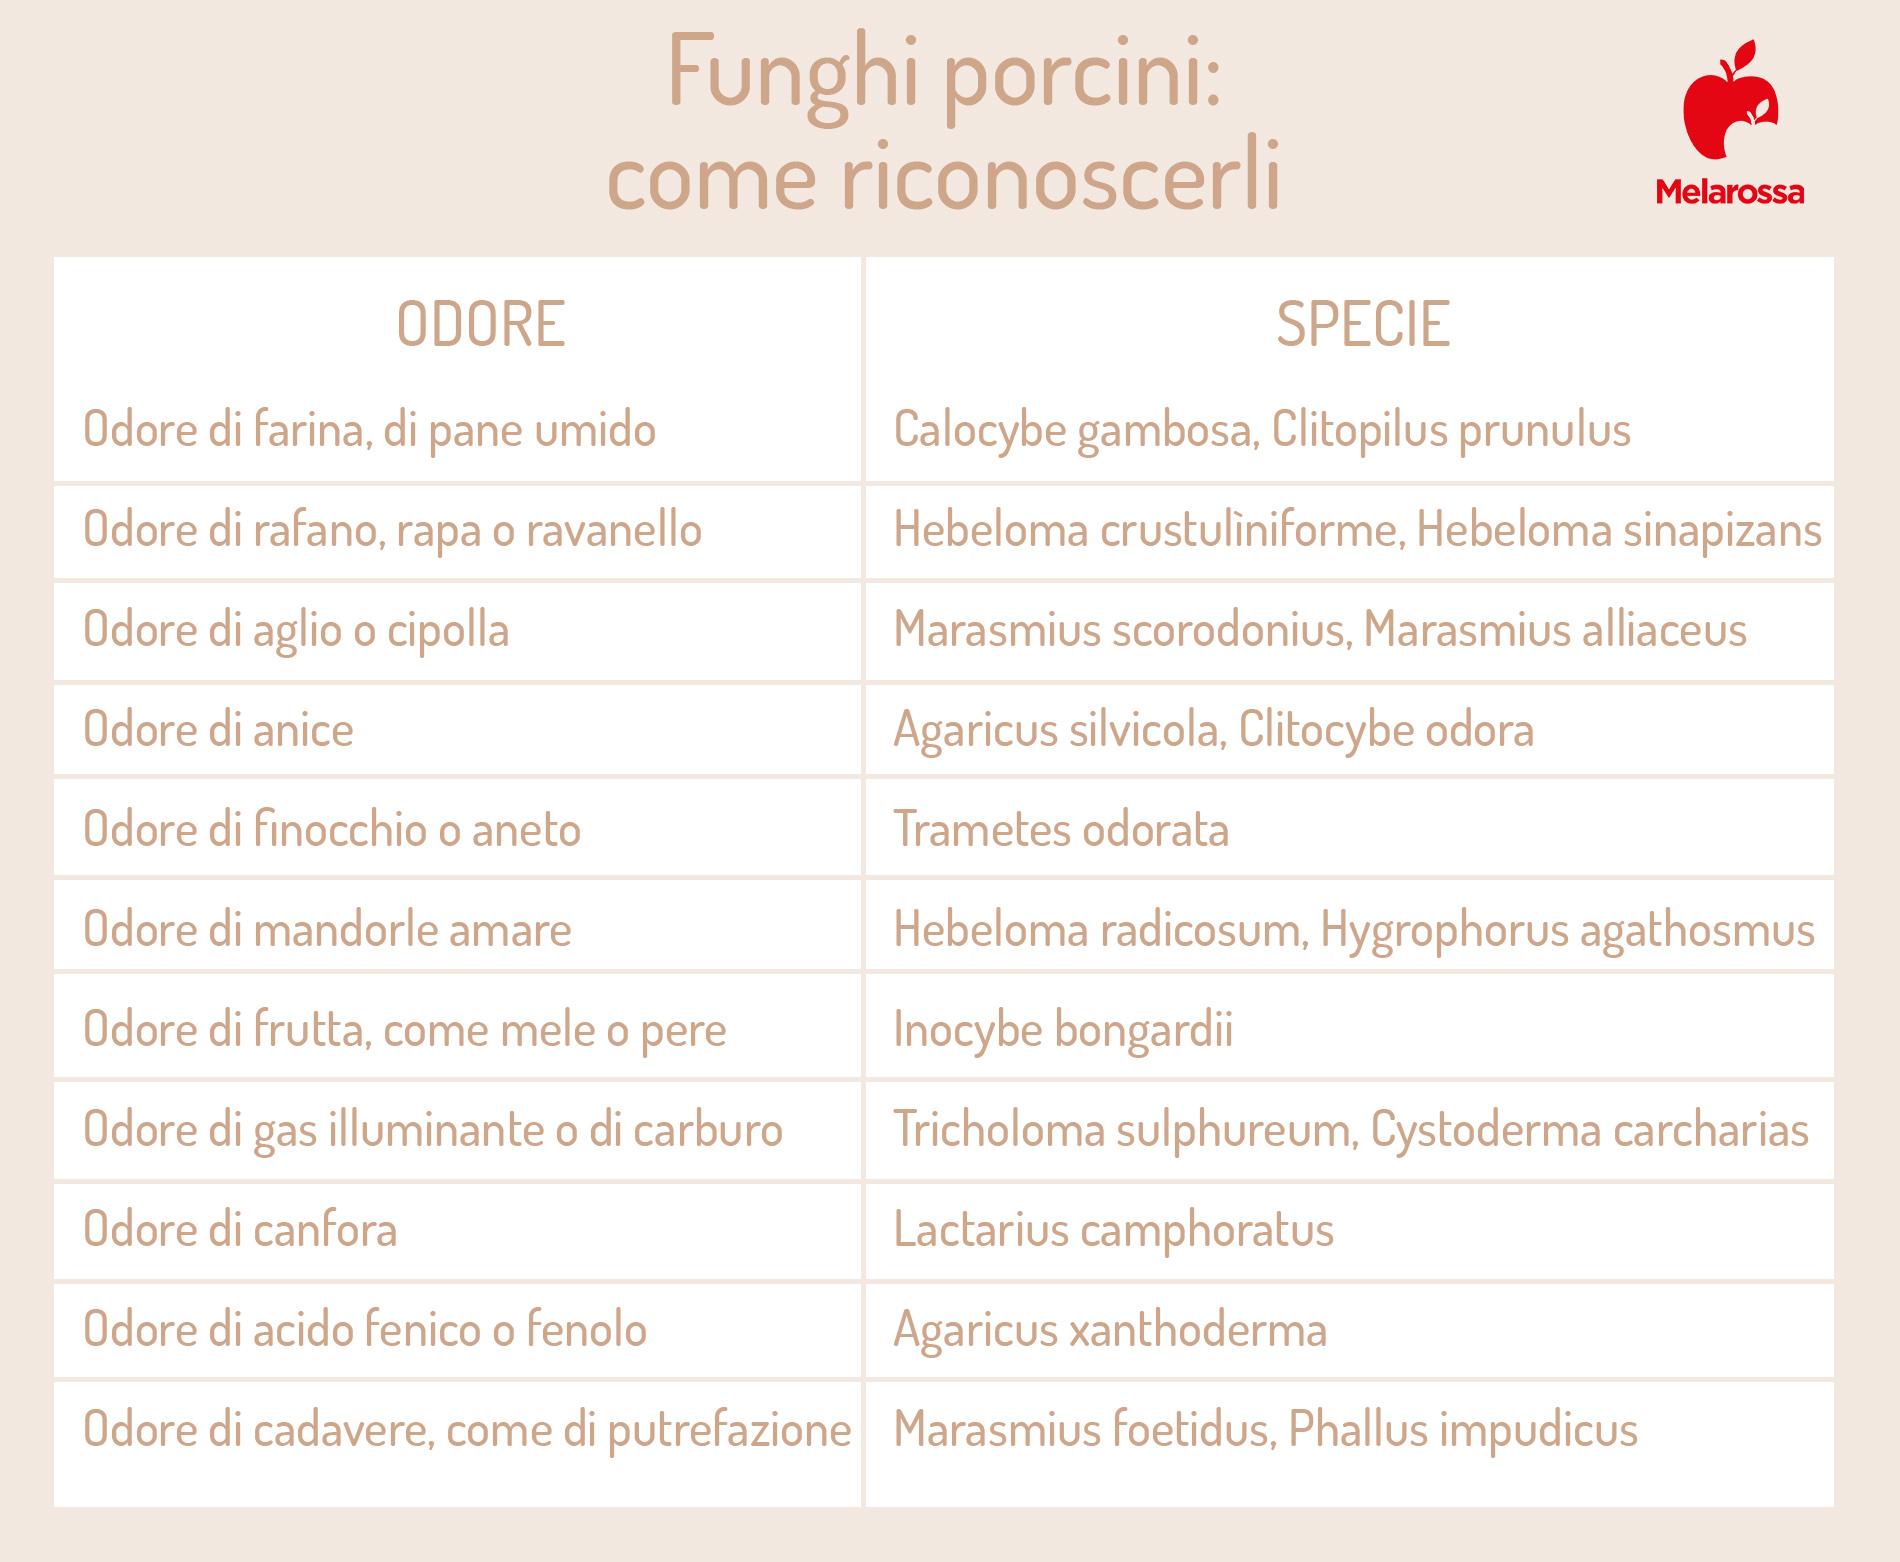 funghi porcini: come riconoscerli